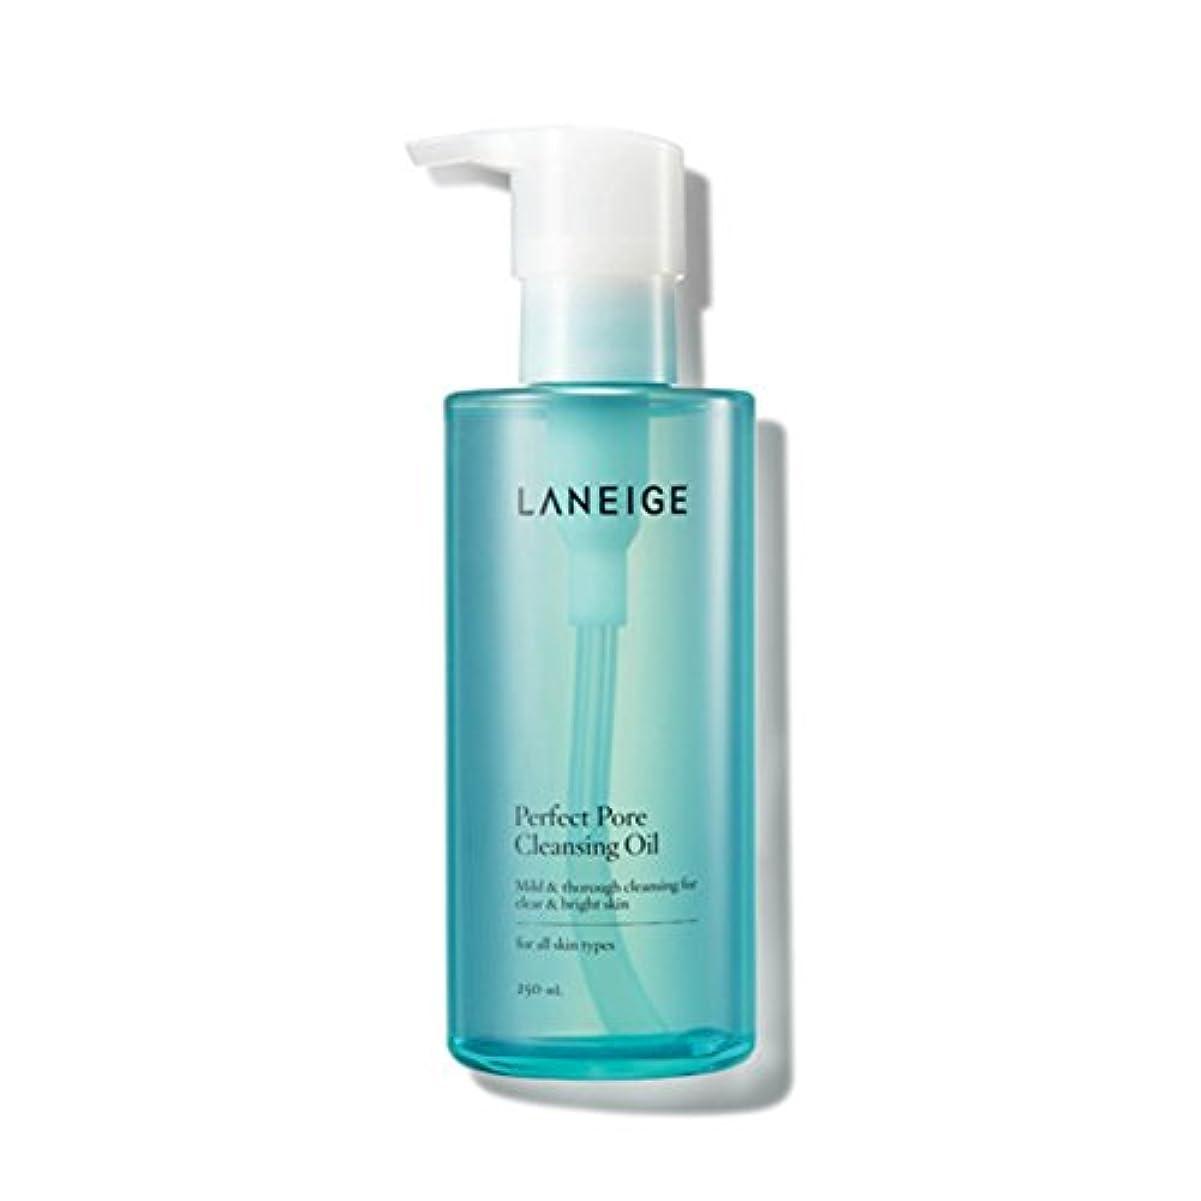 ショートカット主要な人に関する限り[ラネージュ/ LANEIGE] ラネージュ パーフェクトポア クレンジングオイル 250ml/ Perfect Pore Cleansing Oil +[Sample Gift](海外直送品)